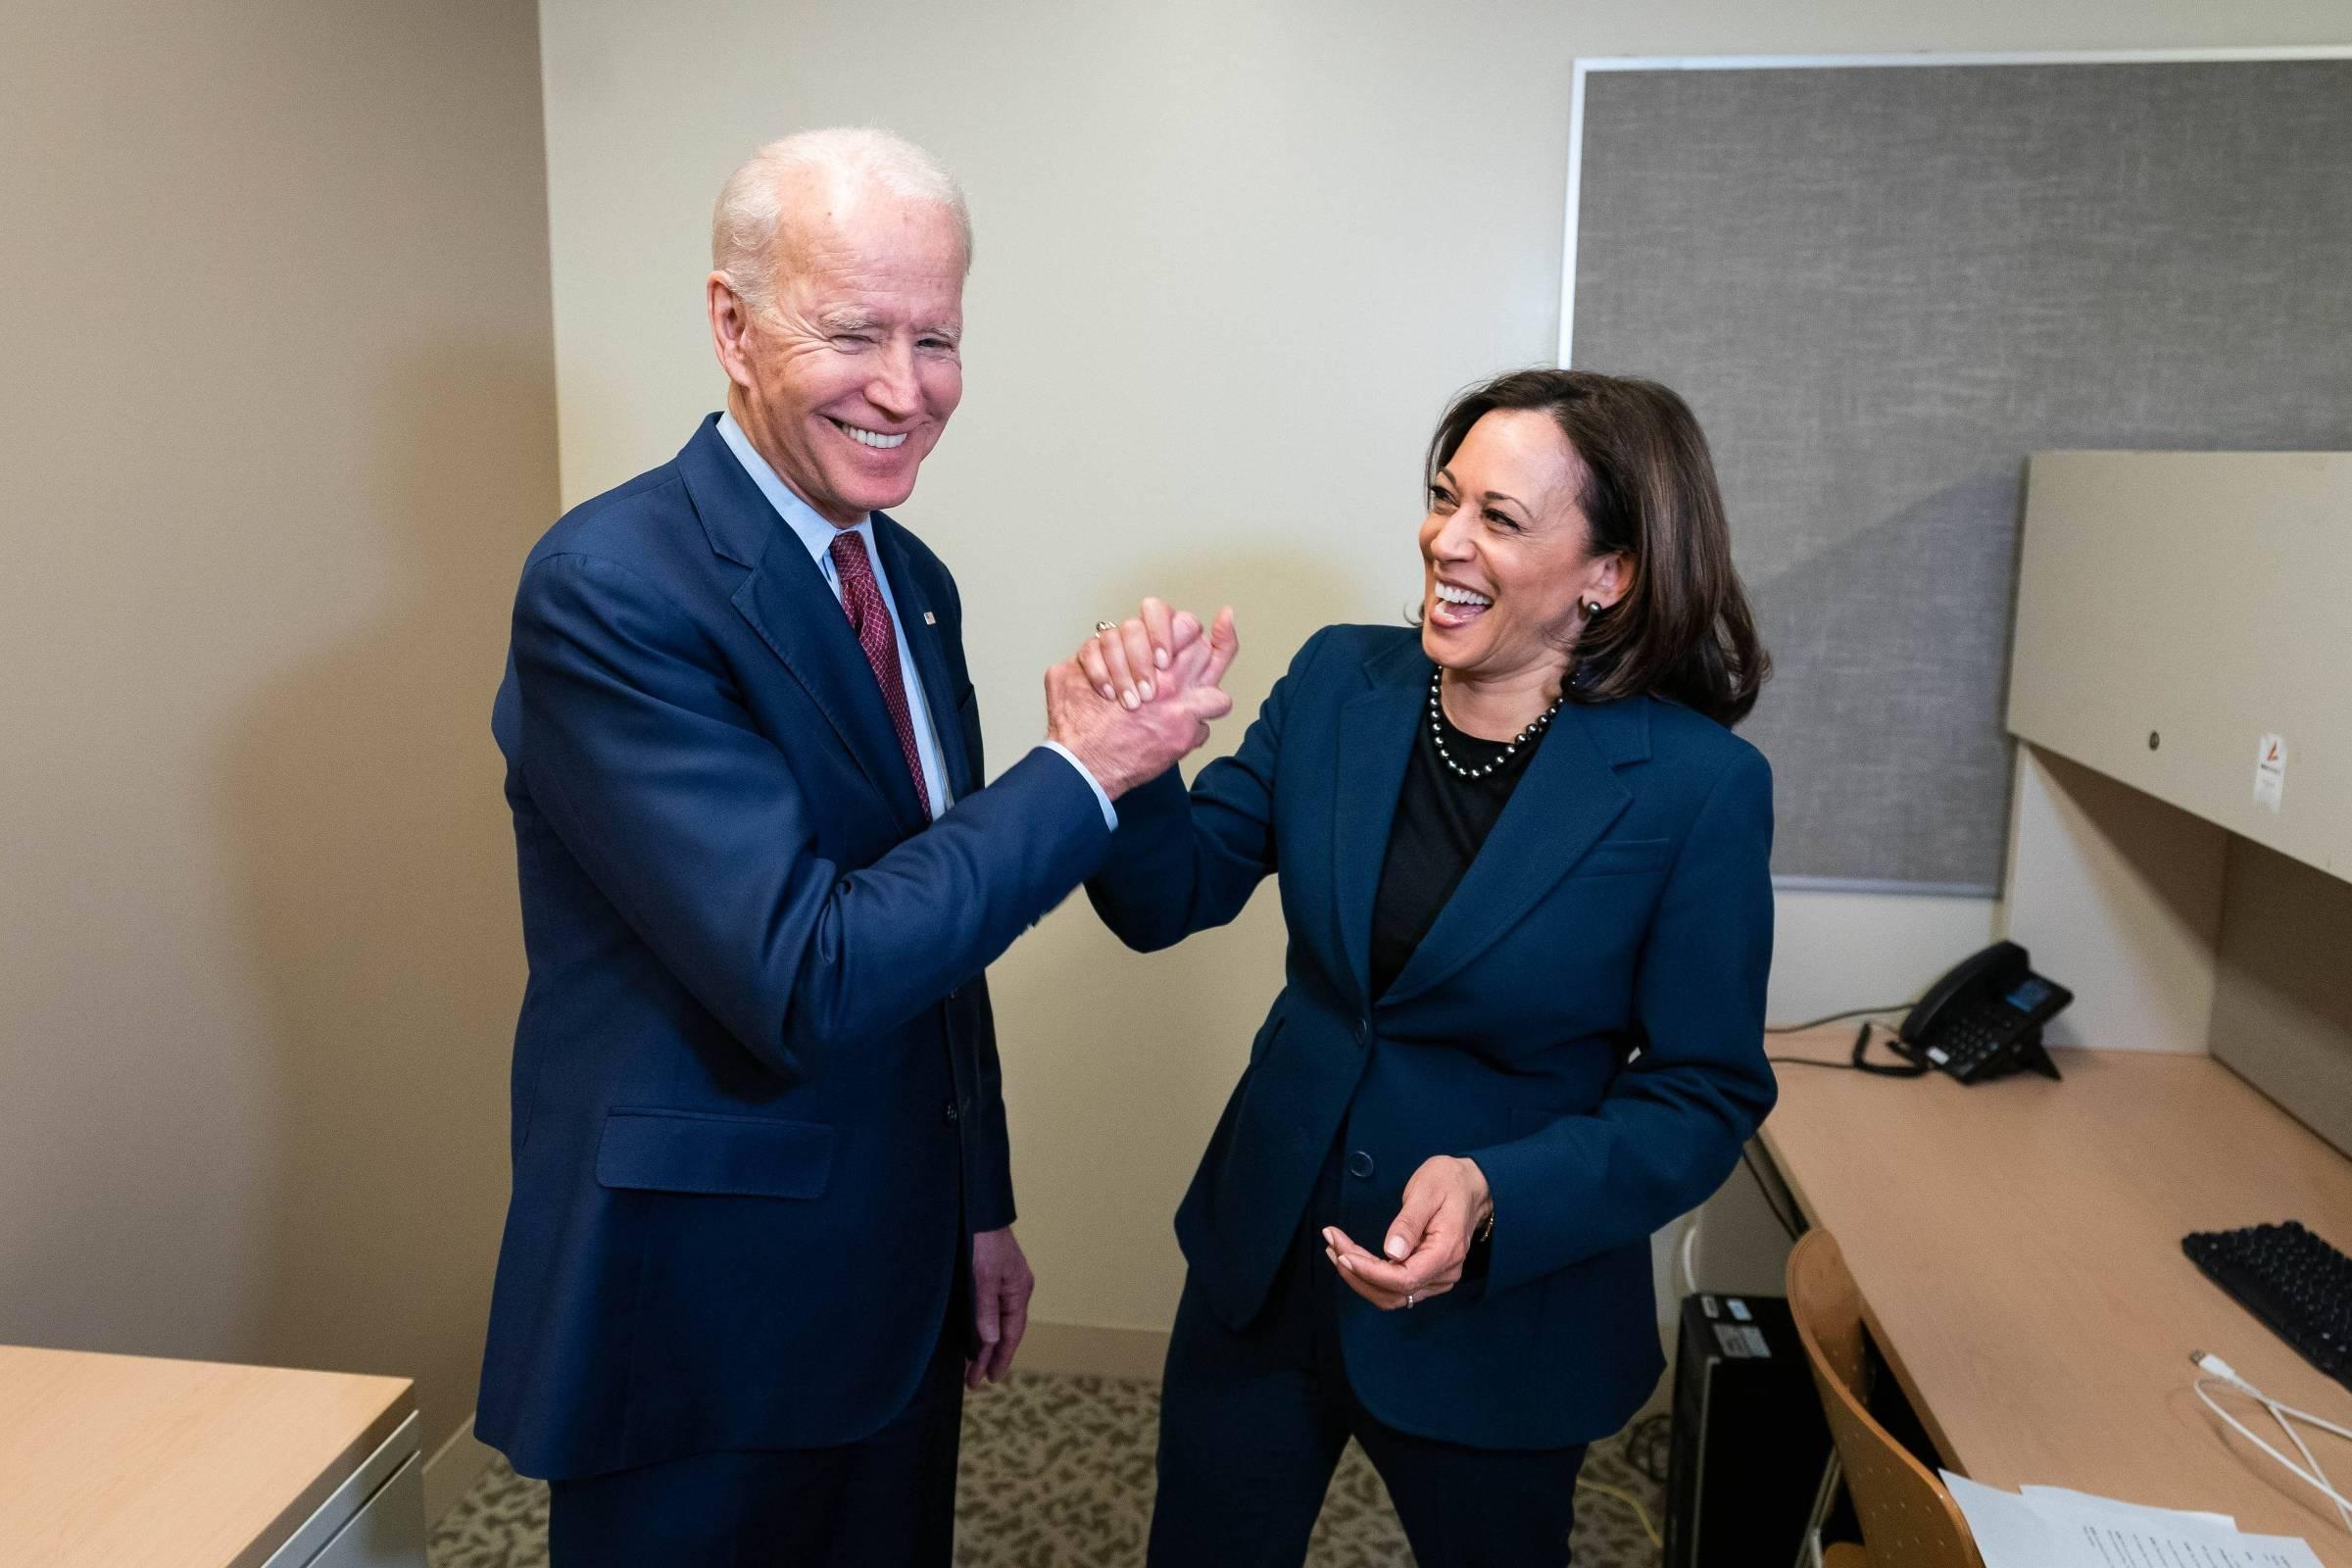 Joe Biden e Kamala Harris se cumprimentam em foto publicada pelo candidato a presidente dos EUA no dia em que anunciou a senadora como sua vice - Reprodução/JoeBiden no Twitter